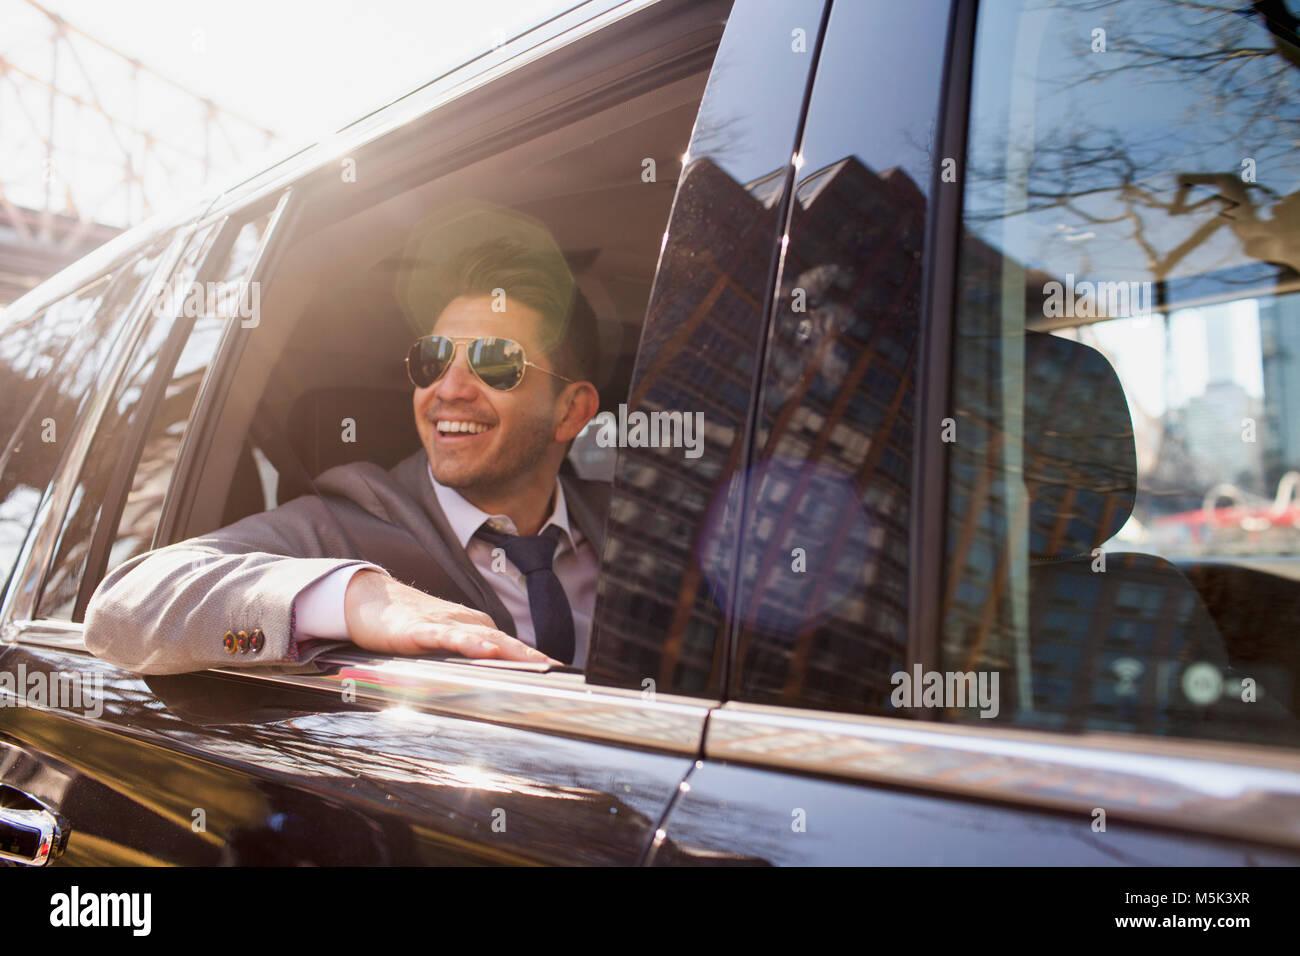 El hombre de negocios joven lookingout la ventana sentado en el coche limousine service Imagen De Stock